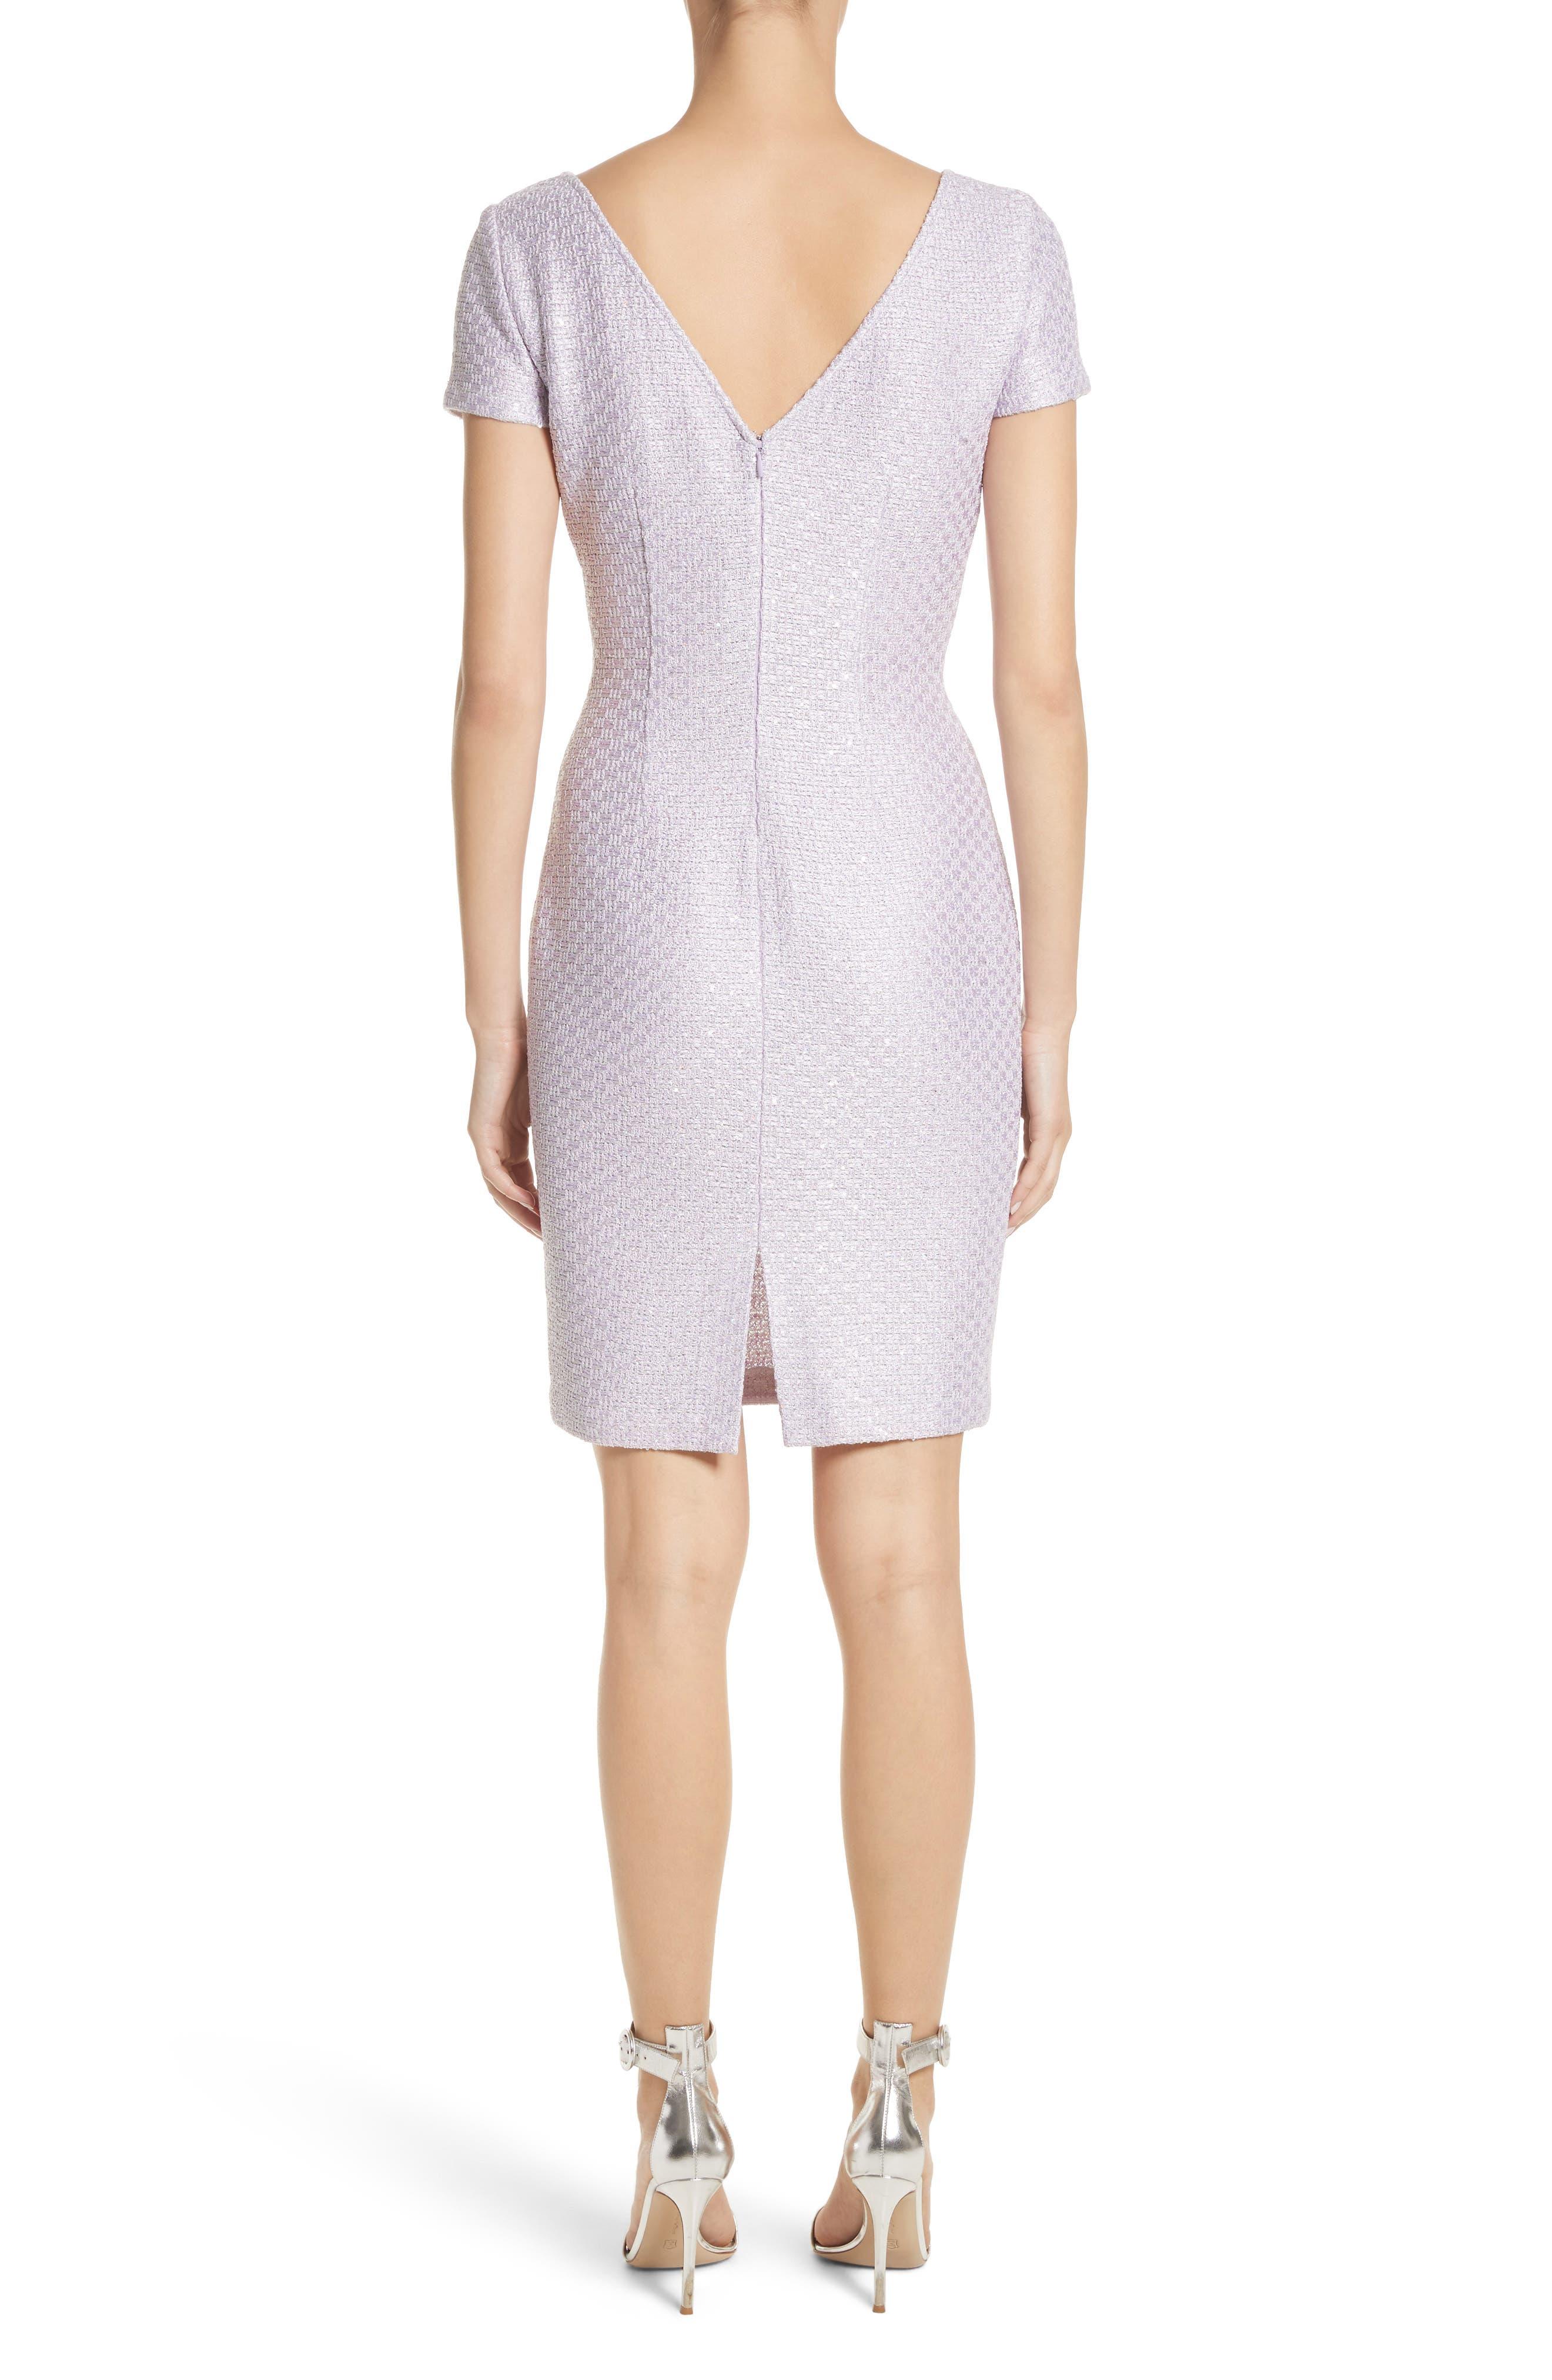 Hansh Sequin Knit Cutout Dress,                             Alternate thumbnail 2, color,                             Lilac Multi